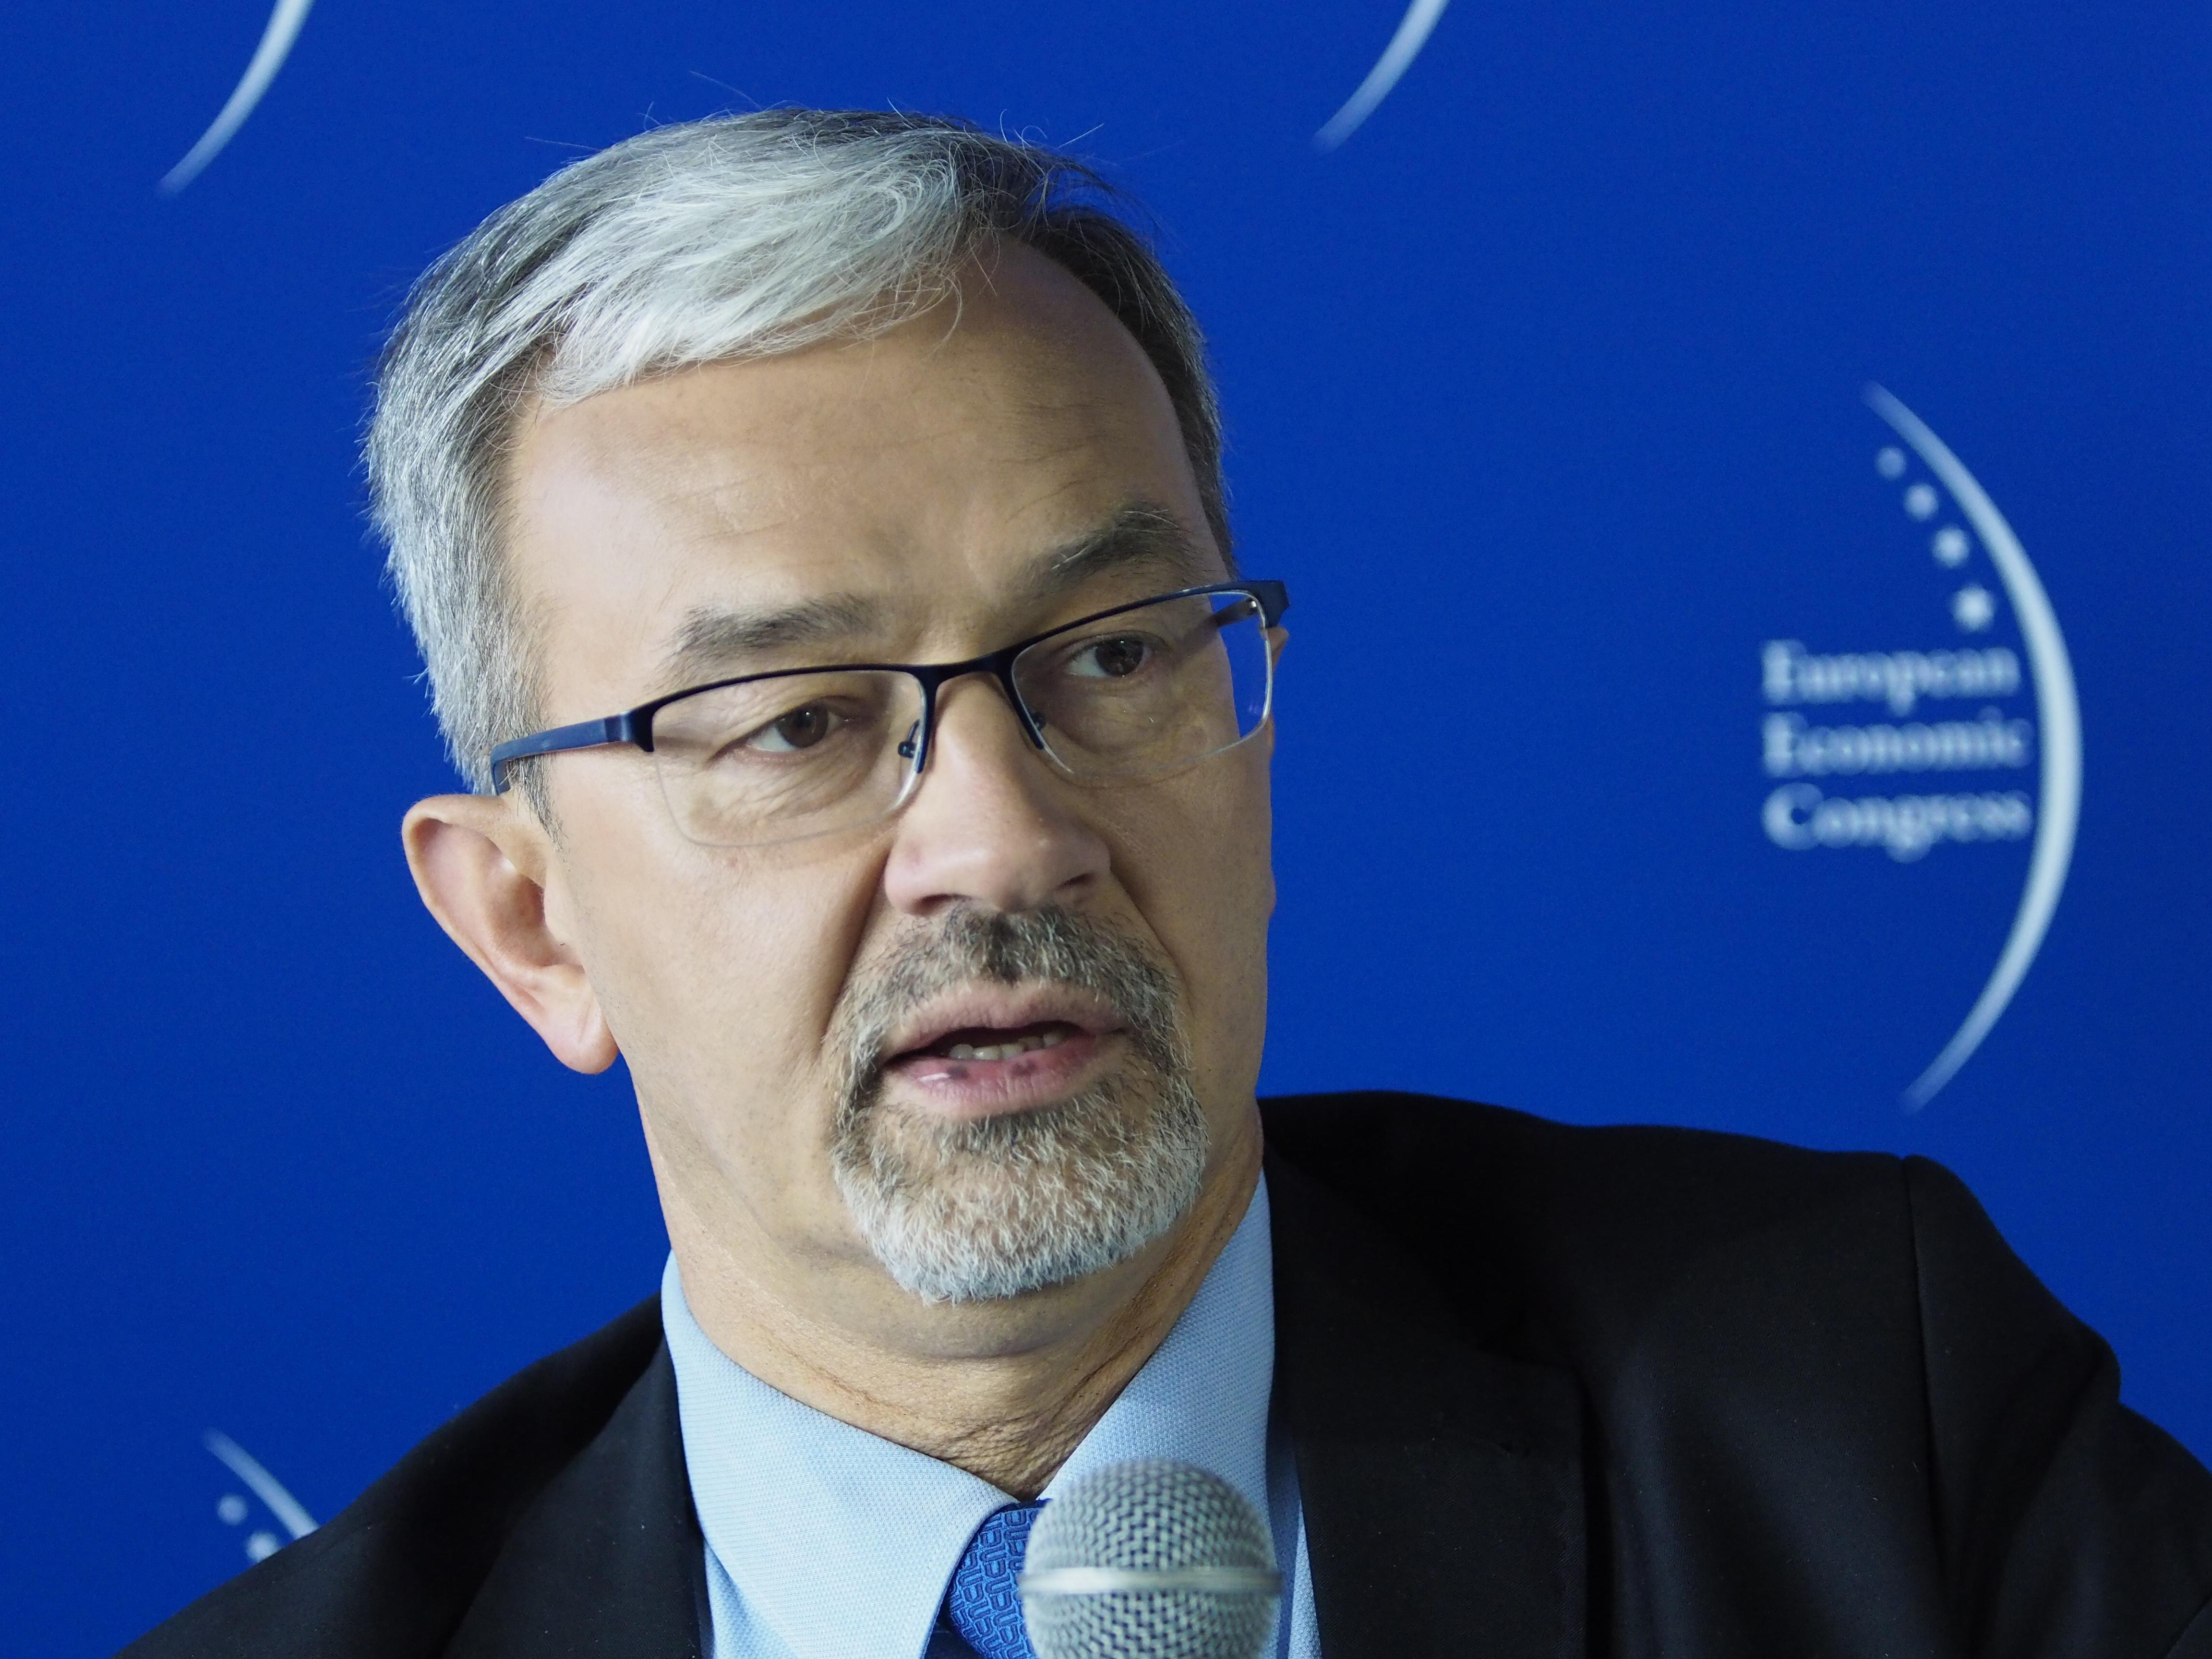 - Oczekujemy, że przyszły budżet UE przynajmniej nie zostanie zmniejszony – wyjaśnia wiceminister rozwoju Jerzy Kwieciński. Fot. PTWP